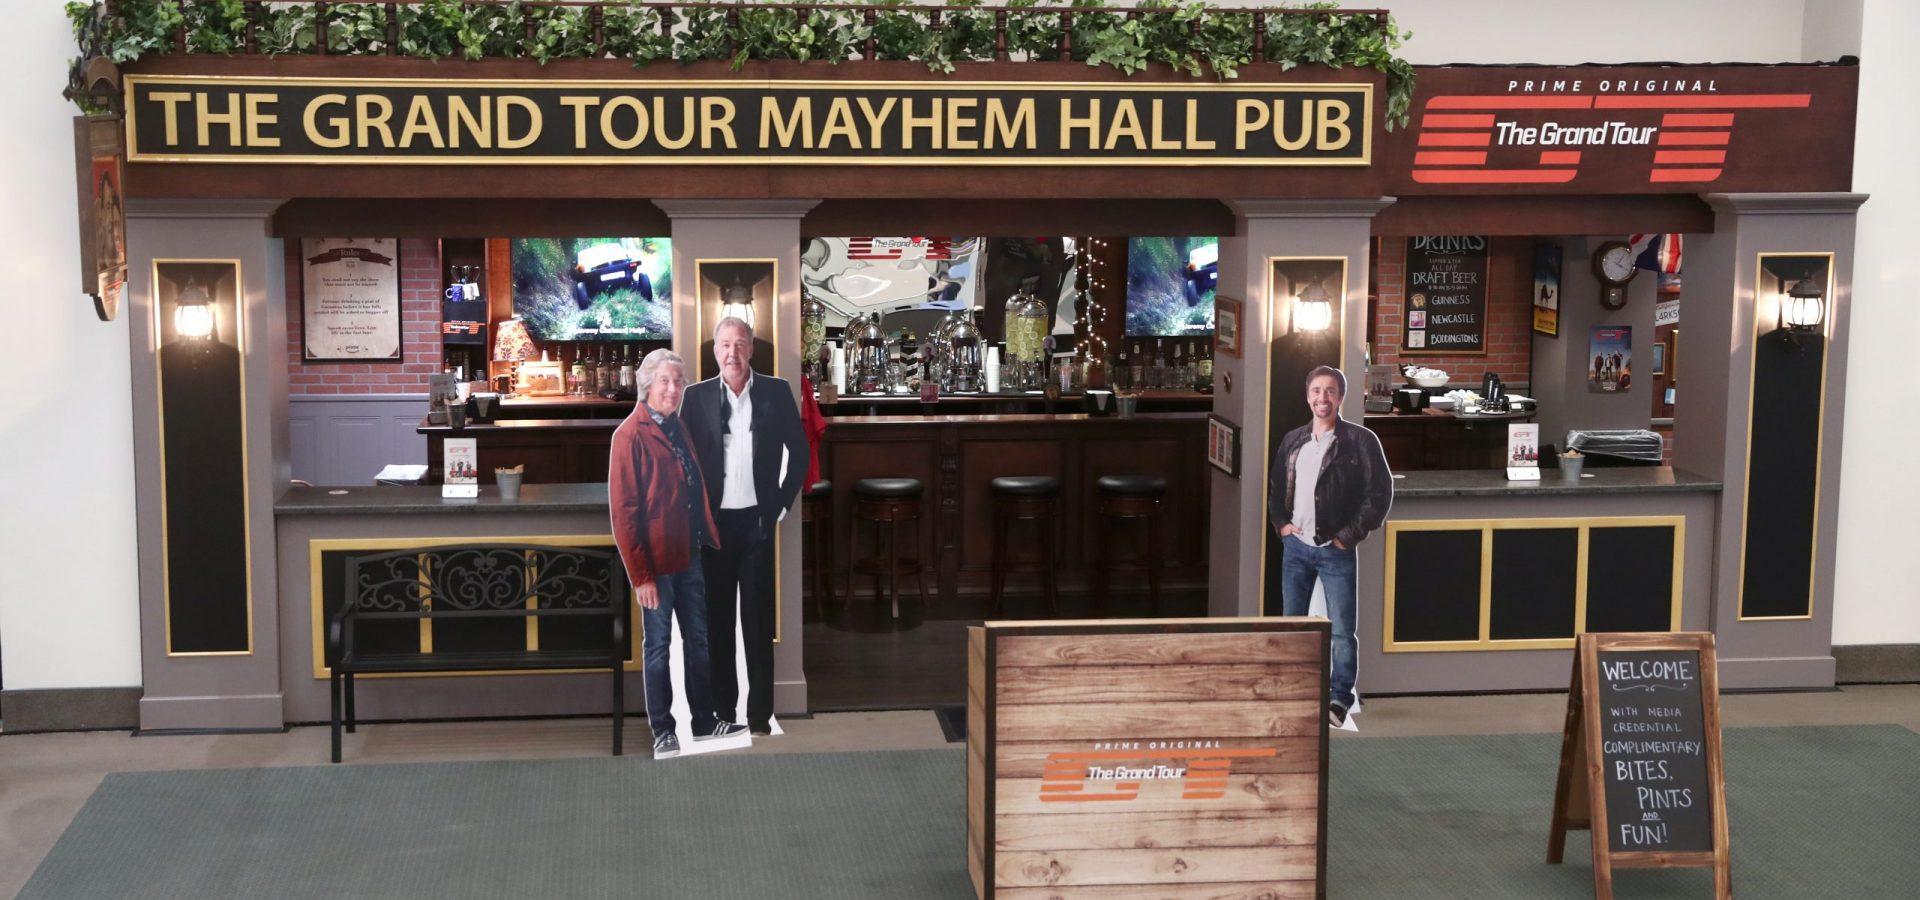 Grand Tour Mayhem Hall Pub